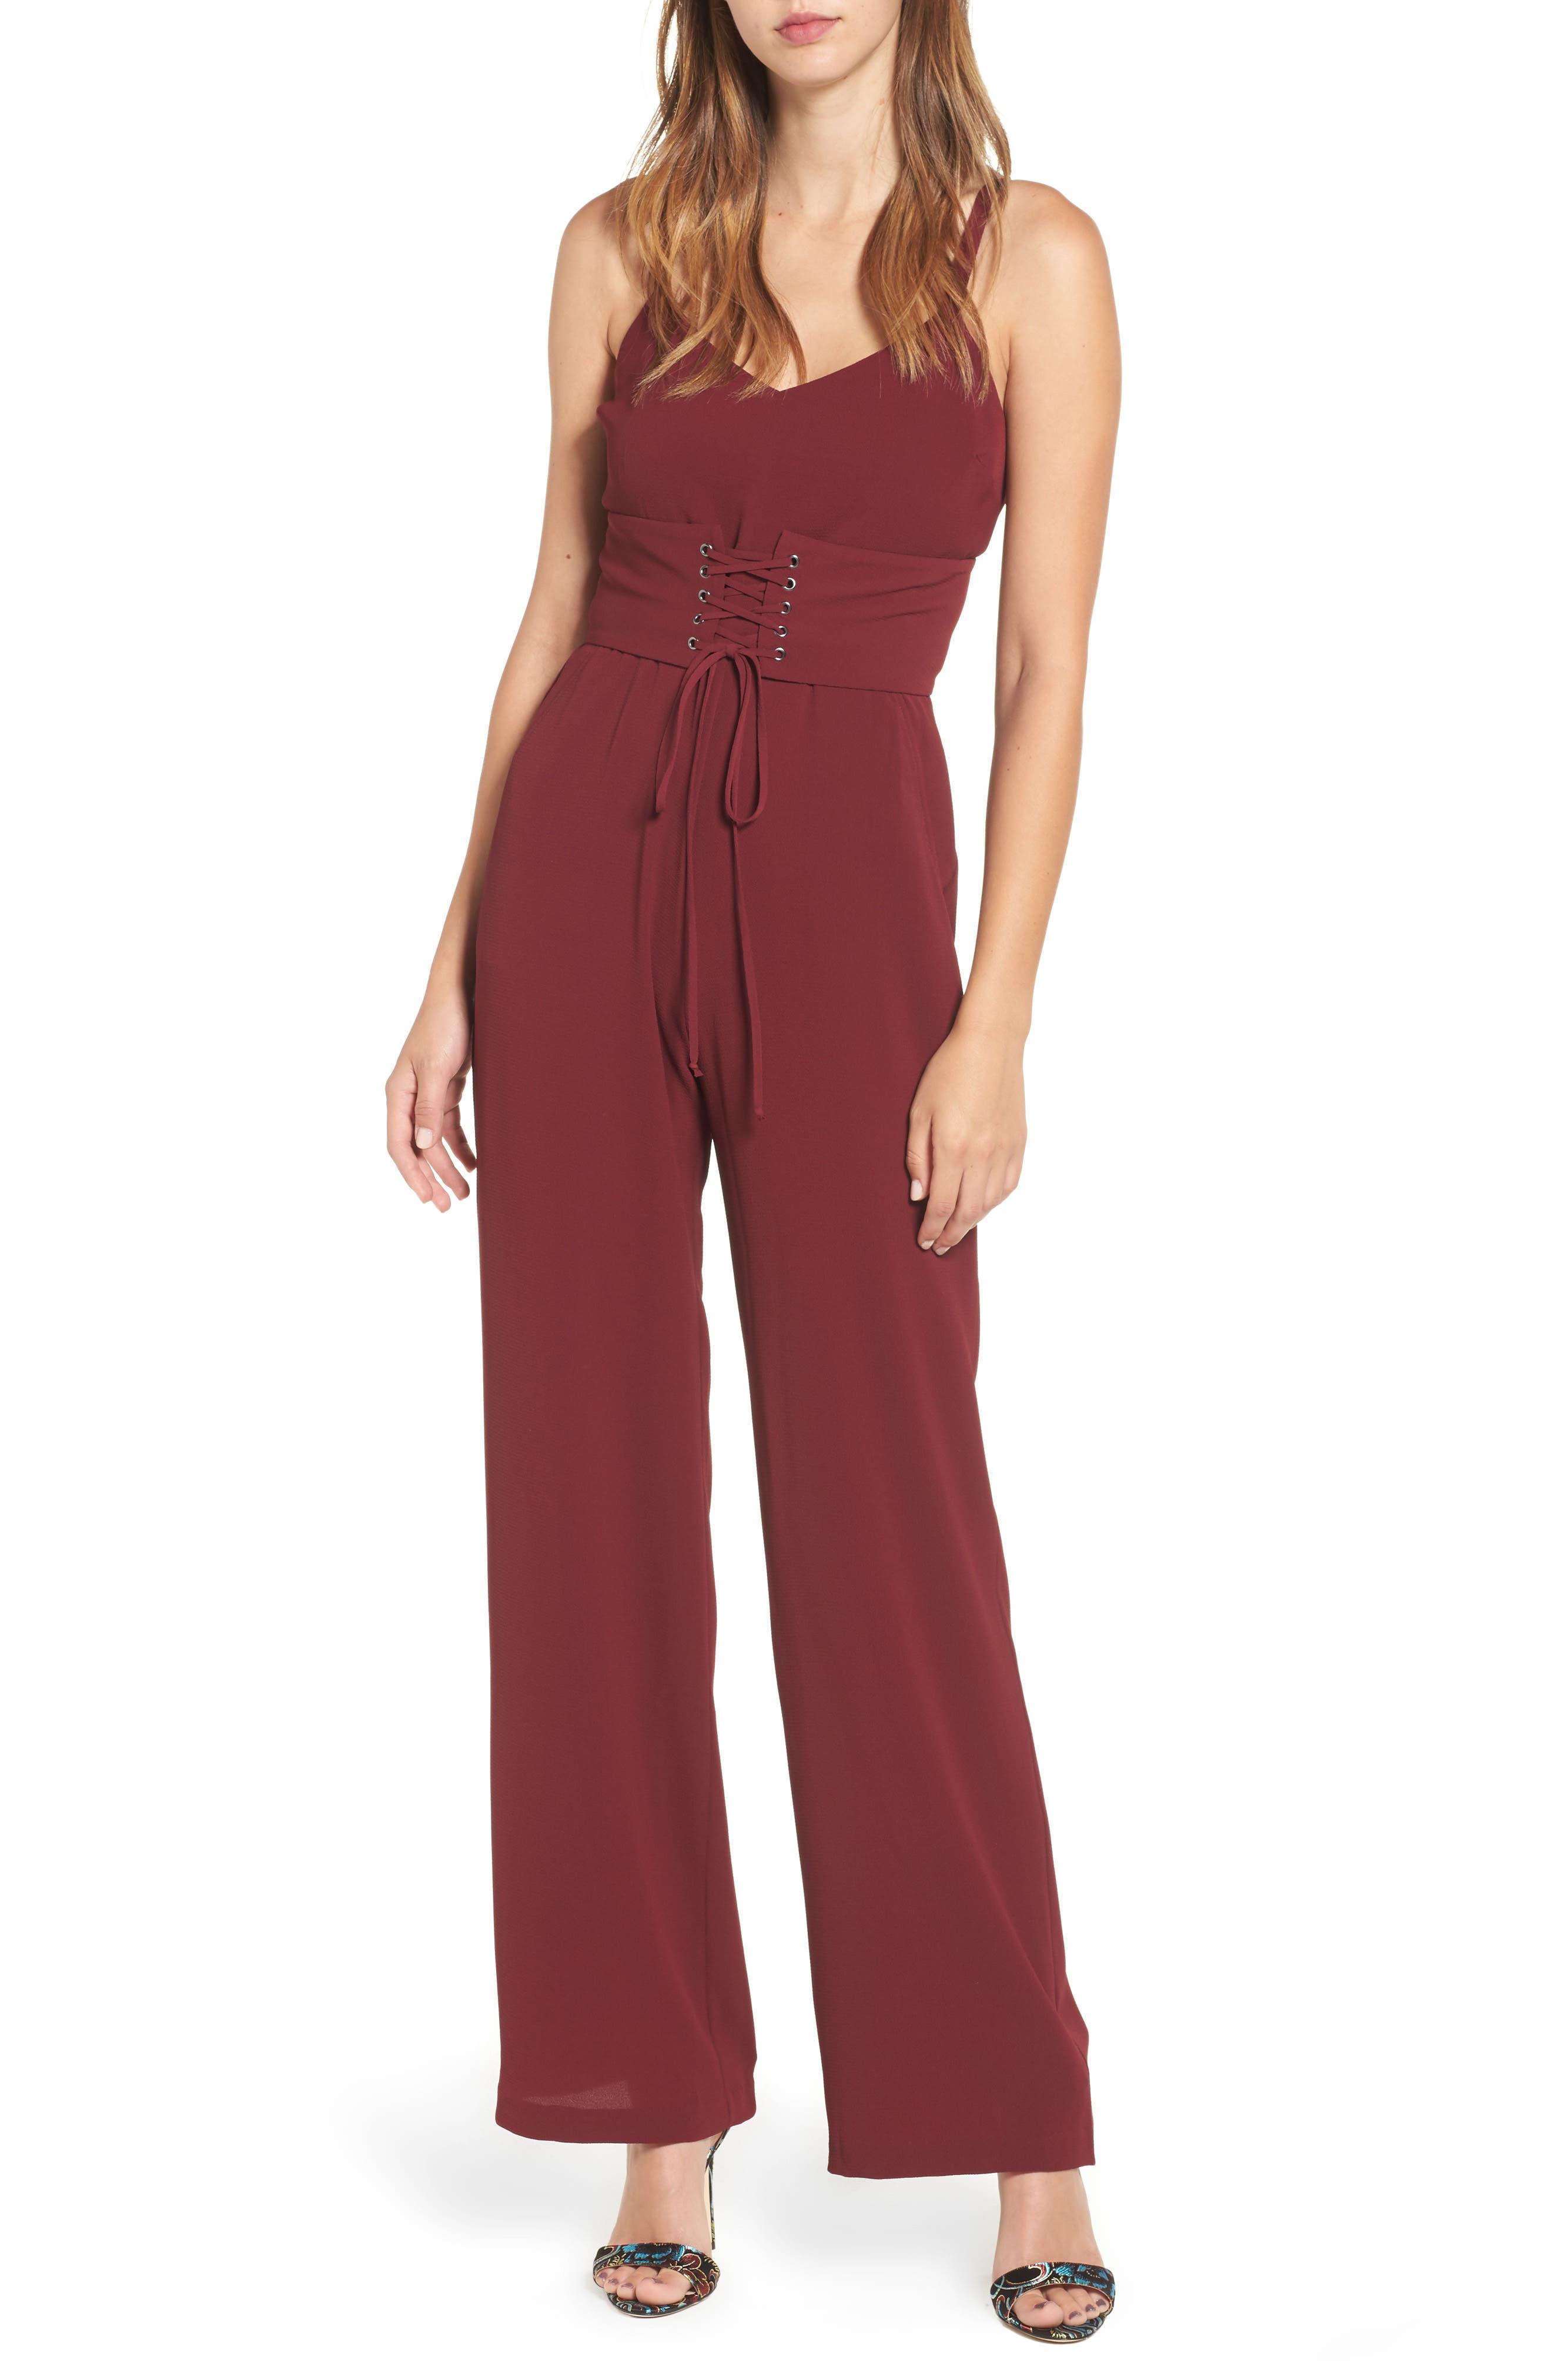 Riply Corset Jumpsuit,                         Main,                         color, Burgundy